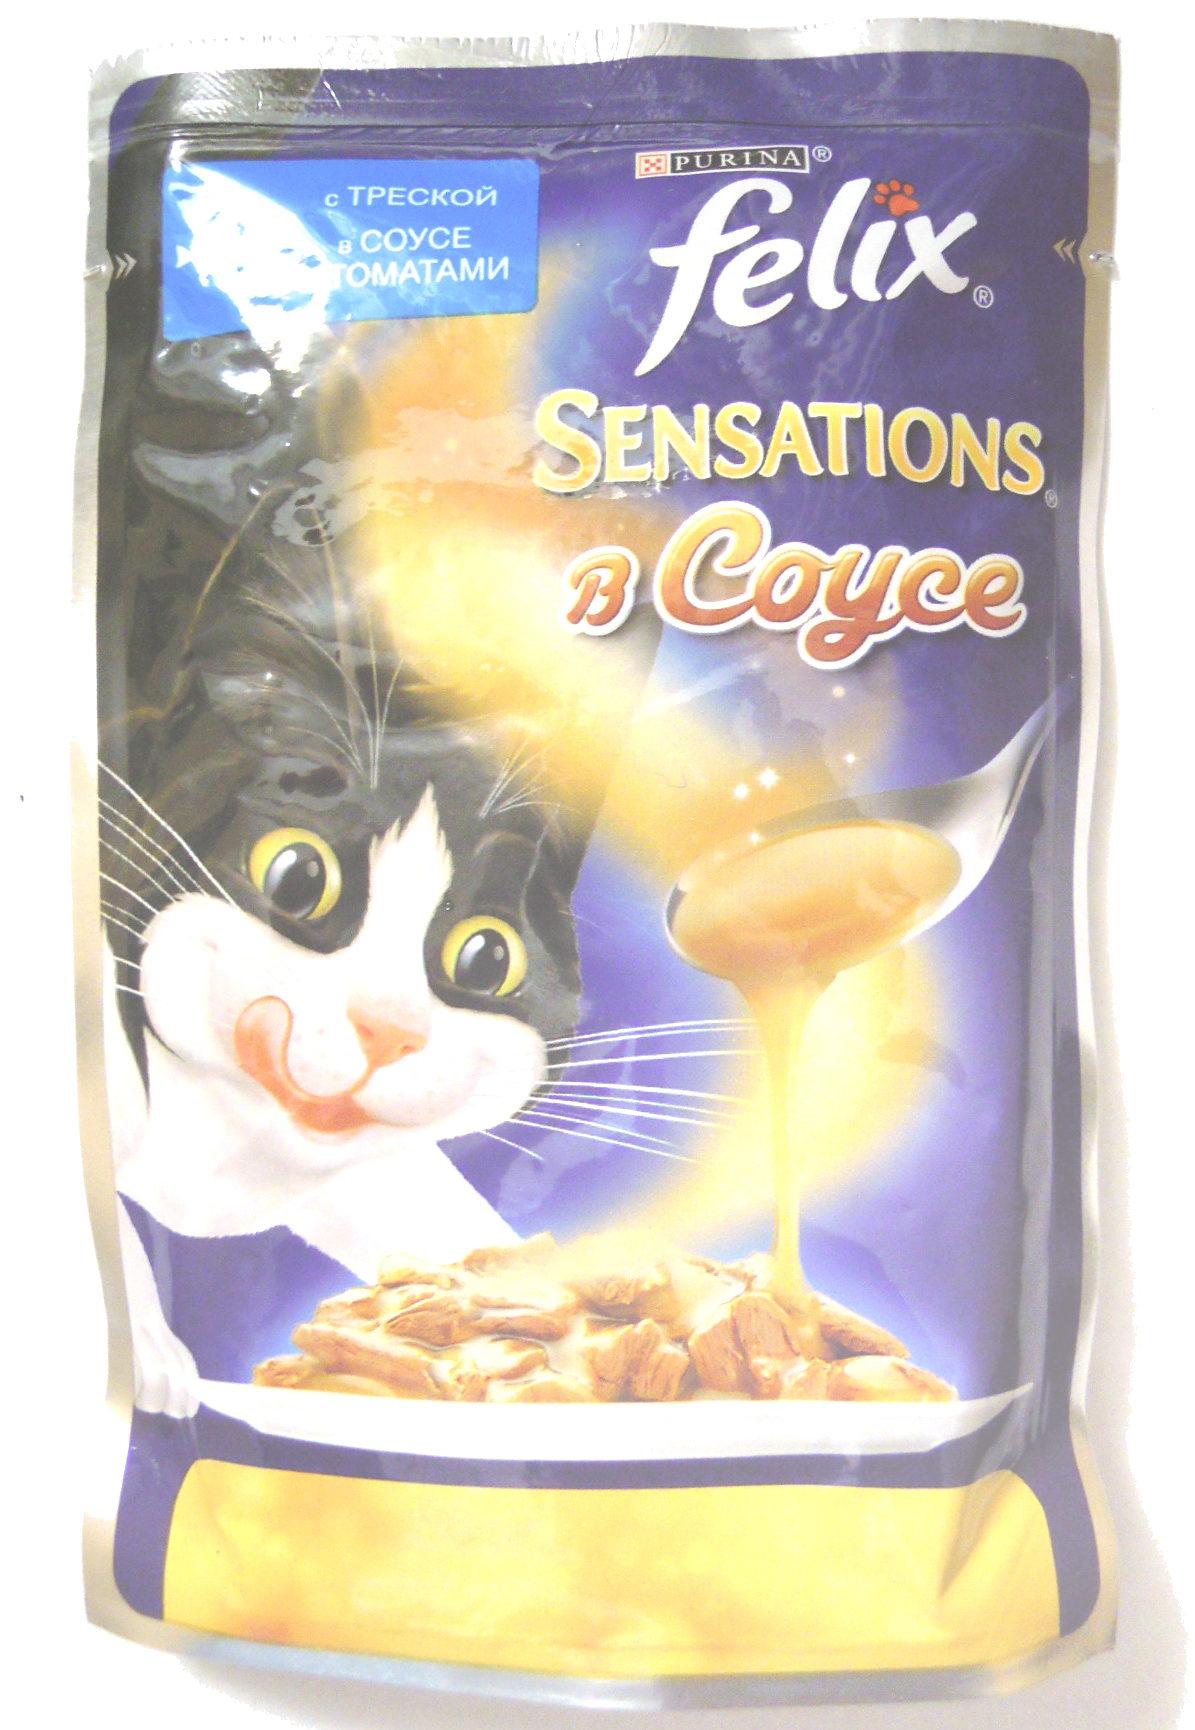 Felix Sensations в Соусе с треской в соусе с томатами - Product - ru